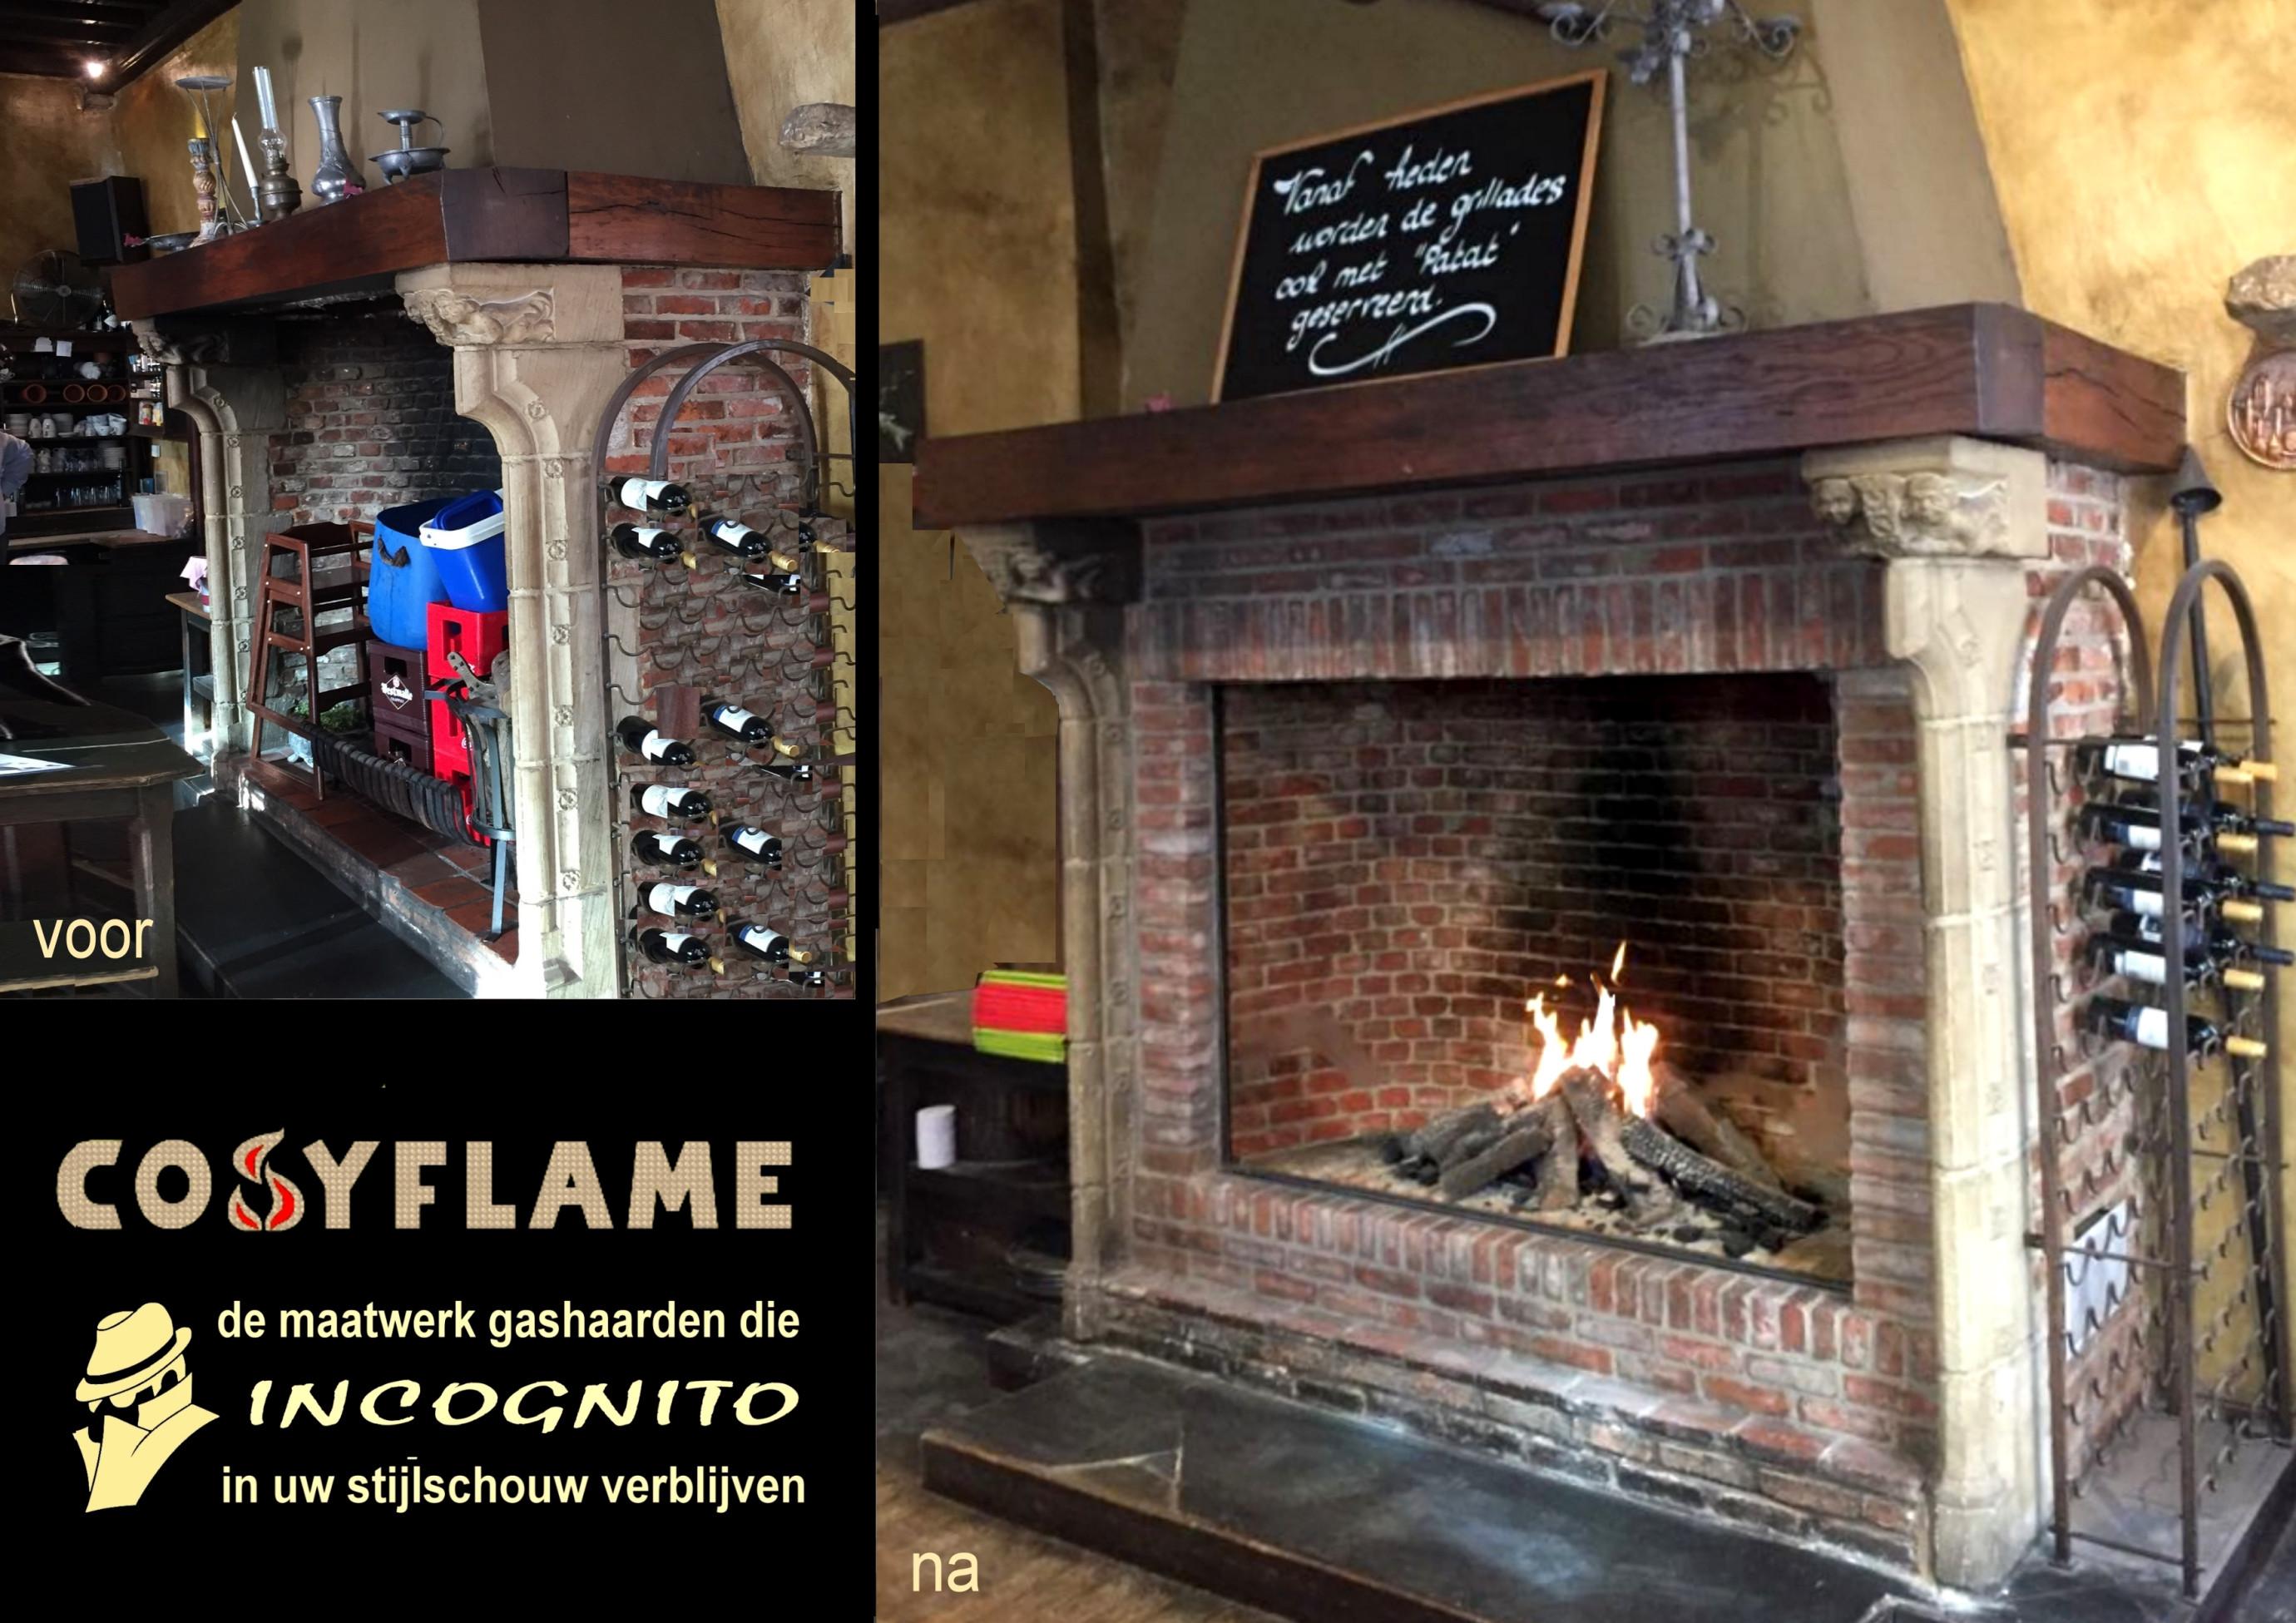 Cosyflame-2018-11-25 voor na SP schouw restaurant groot A4.jpg